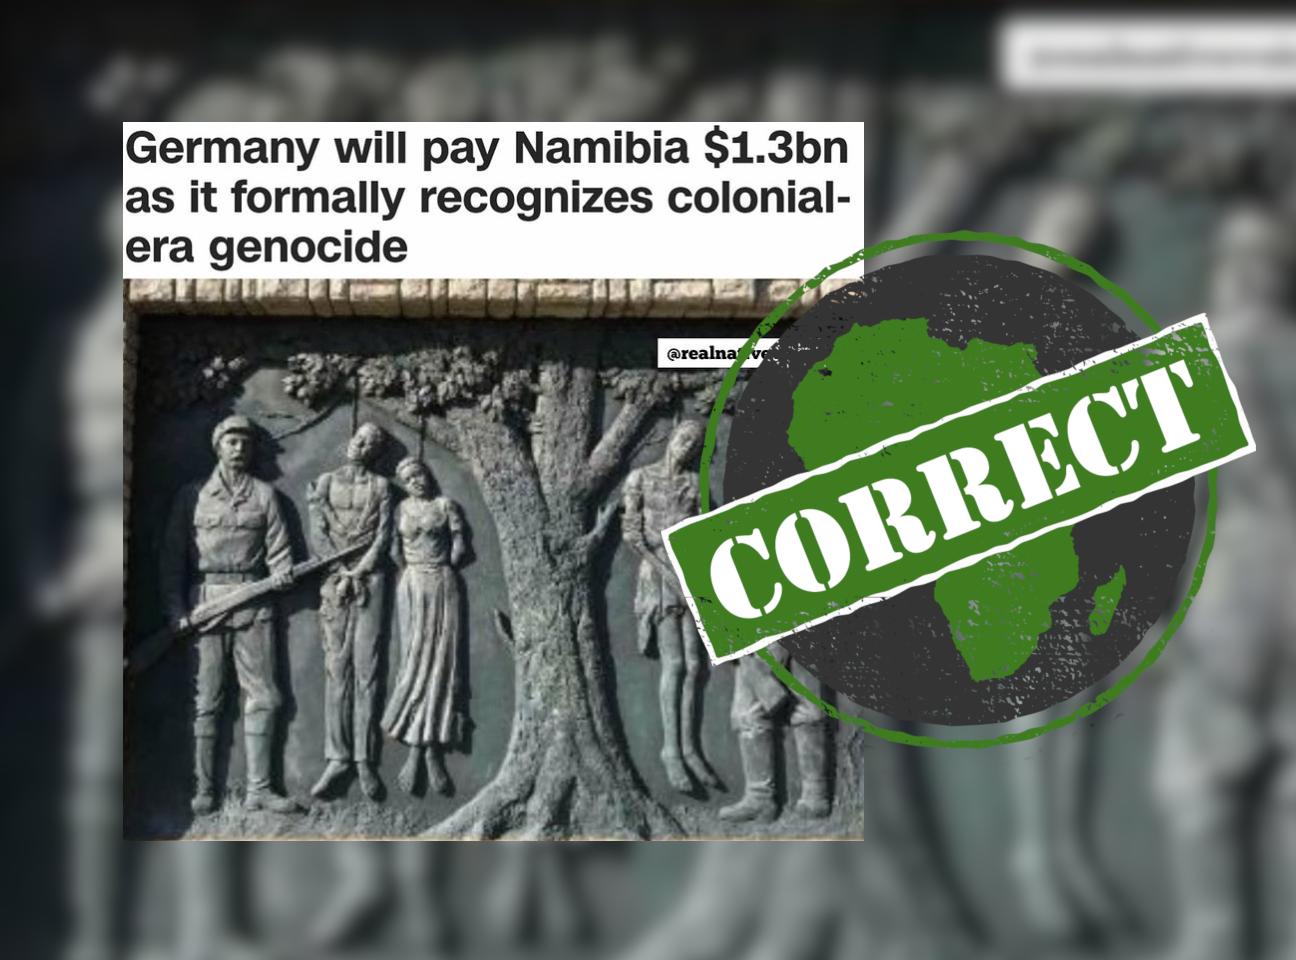 GermanyNamibia_Correct